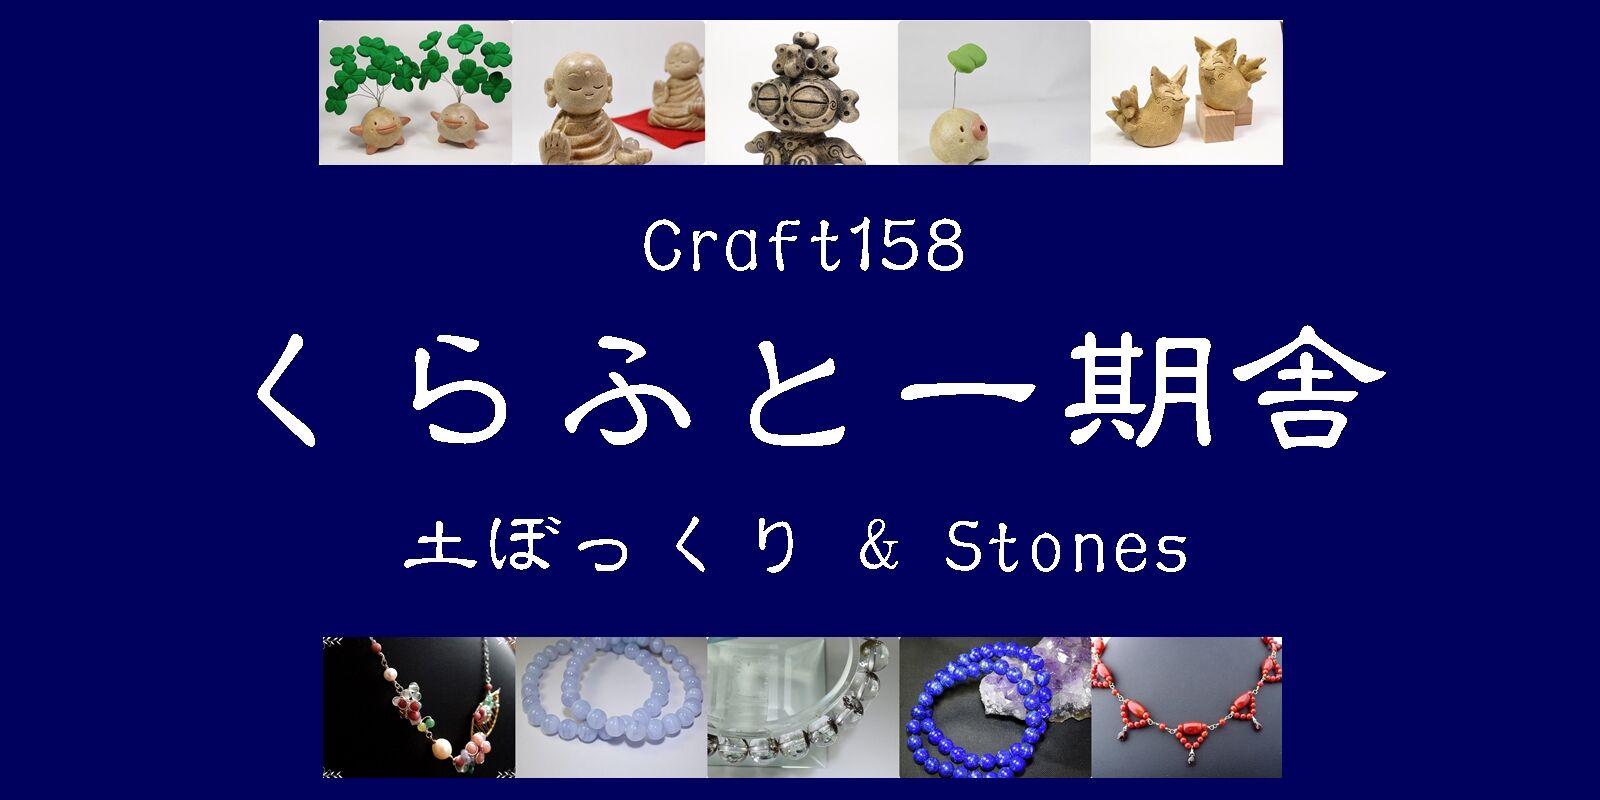 くらふと一期舎 土ぼっくり&Stones